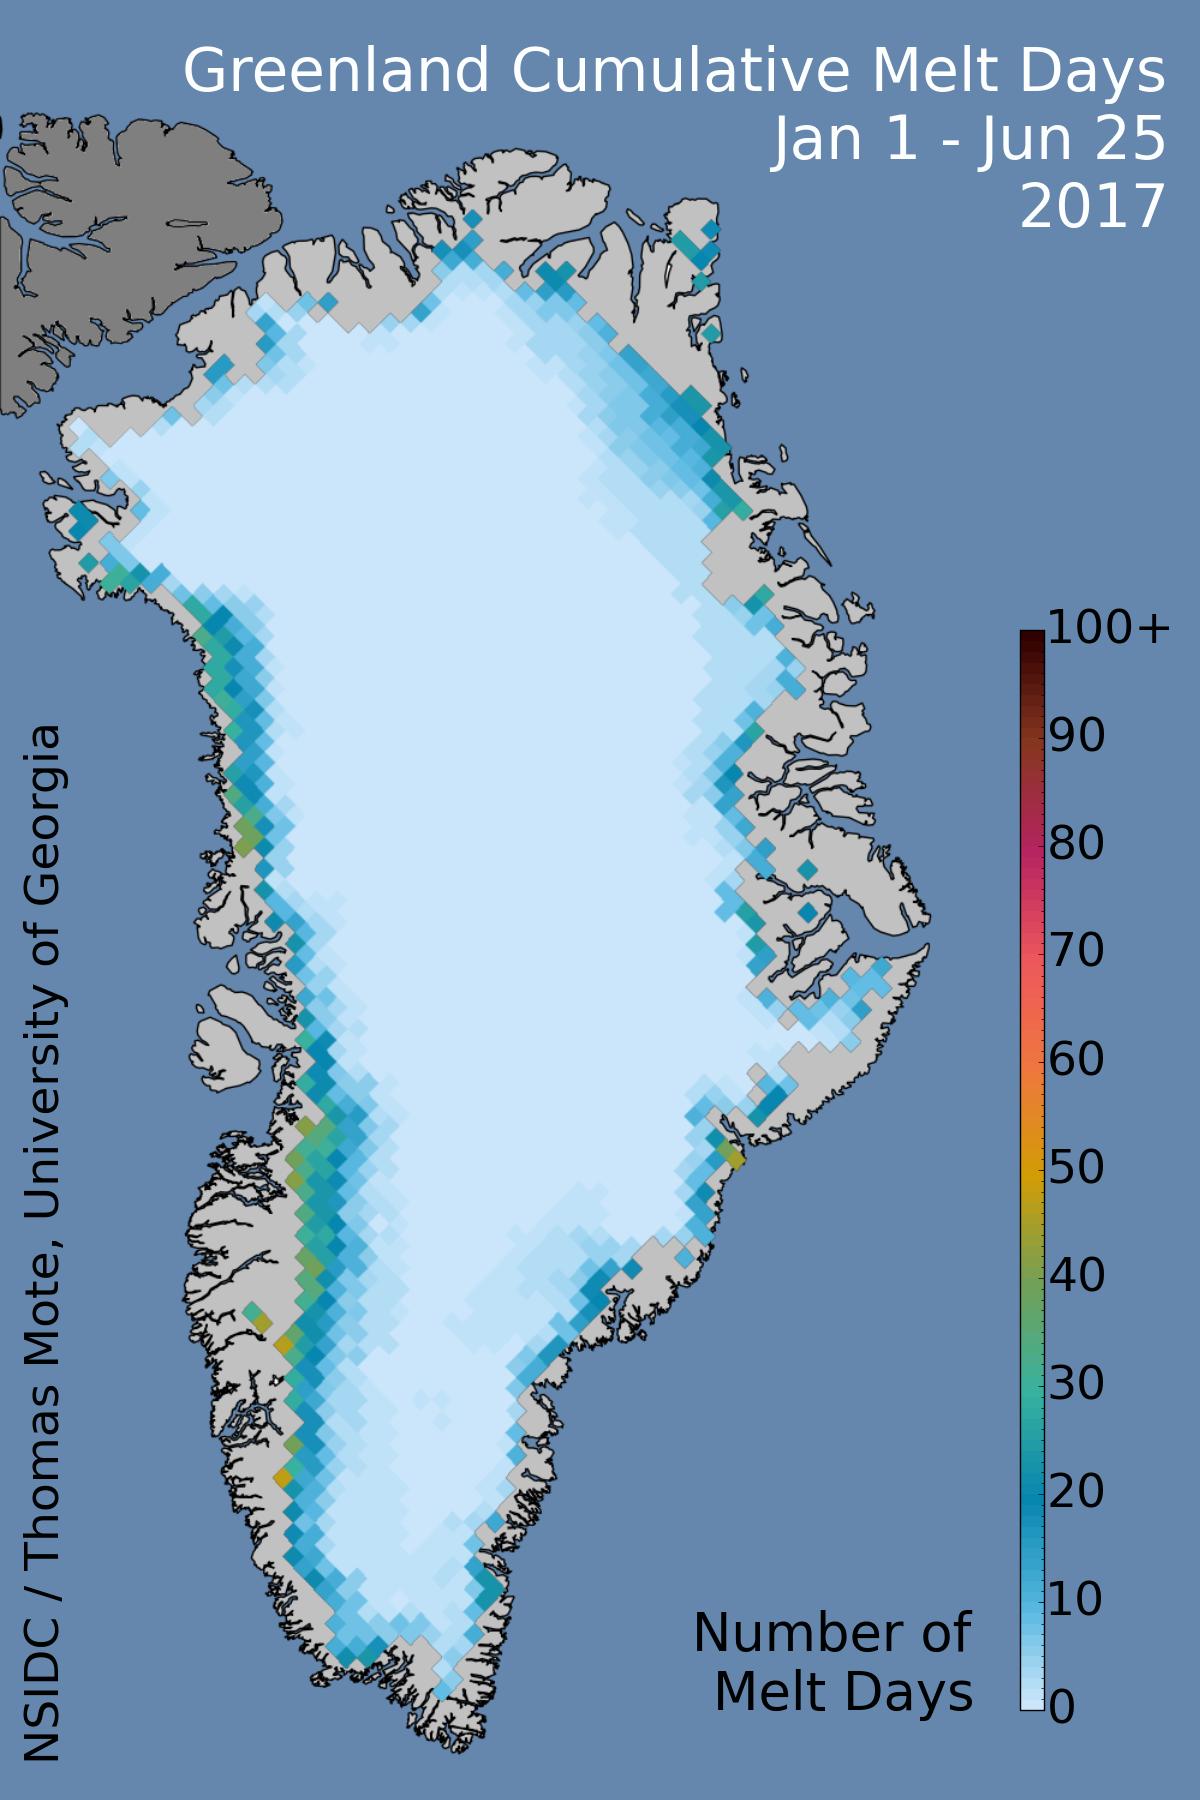 گرینلند روز ذوب تجمعی از امروز